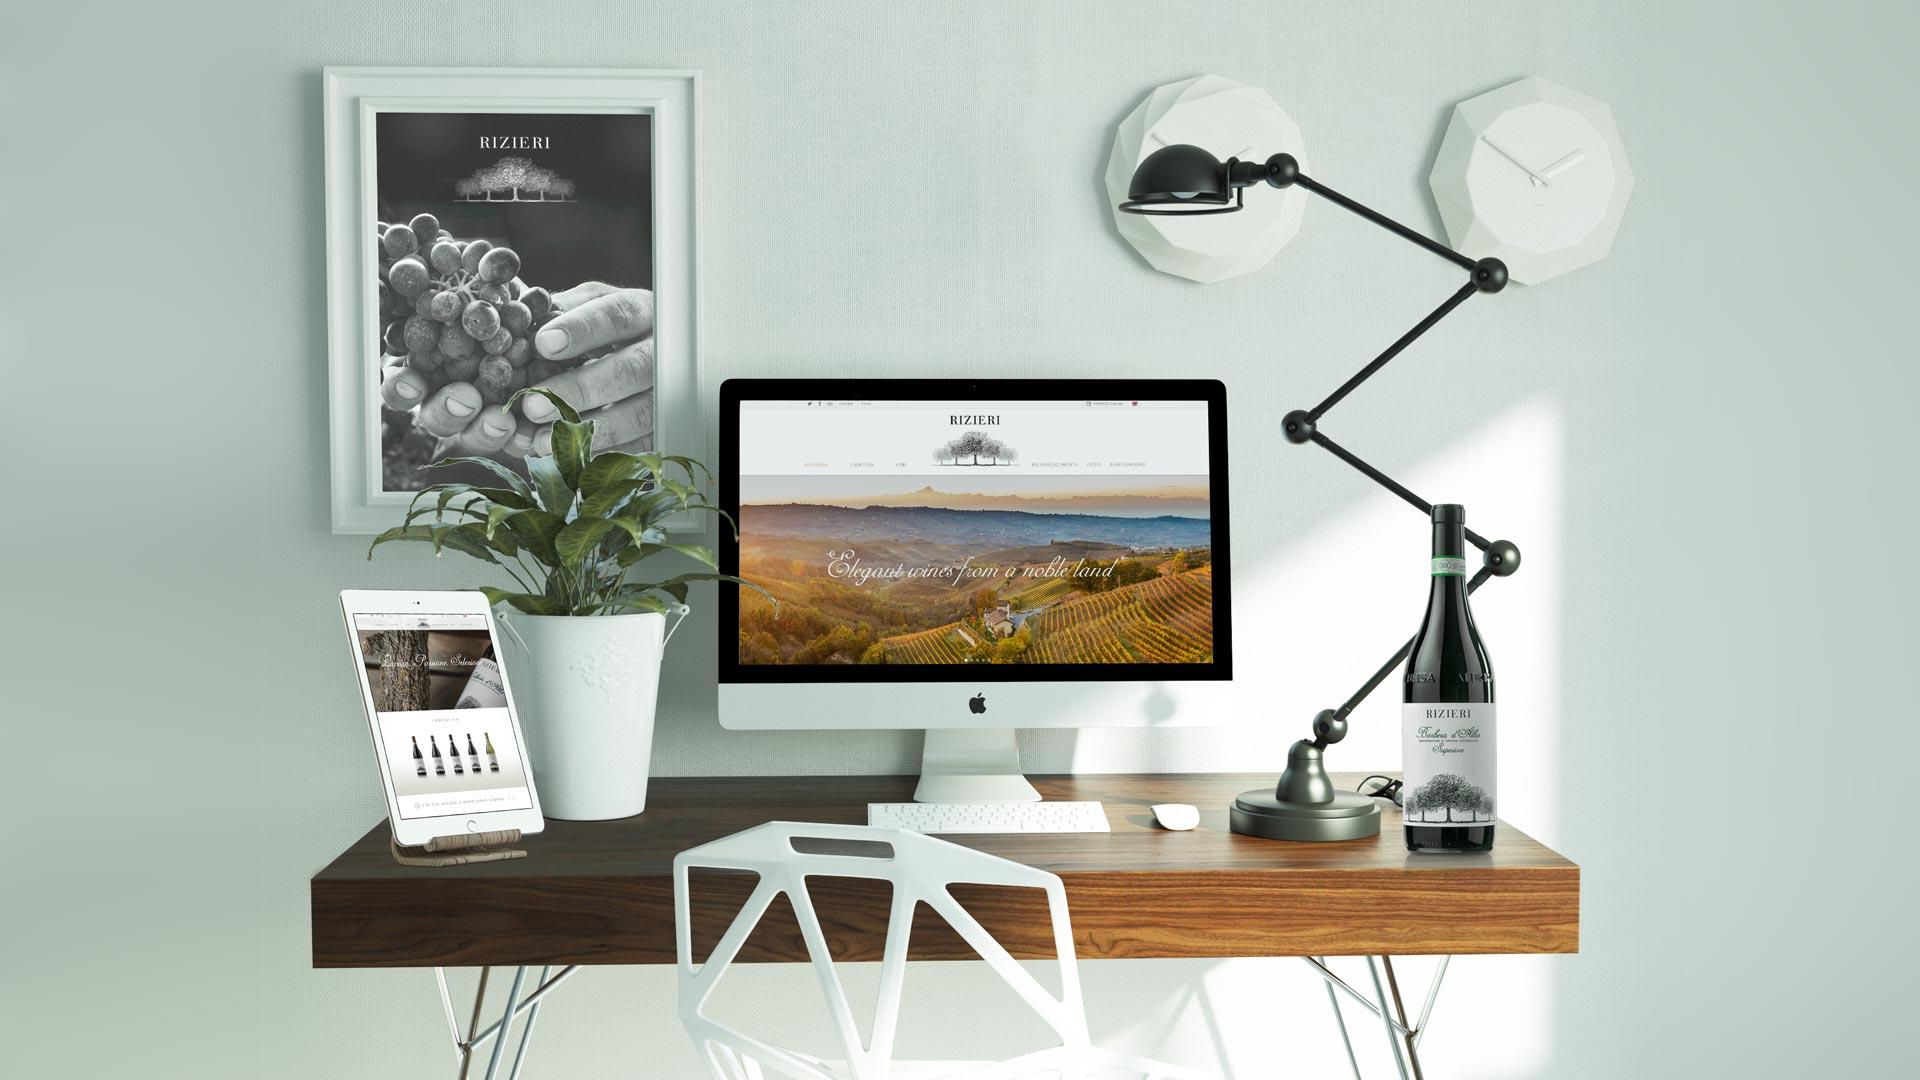 iMac Rizieri Site new - Rizieri, Sito web